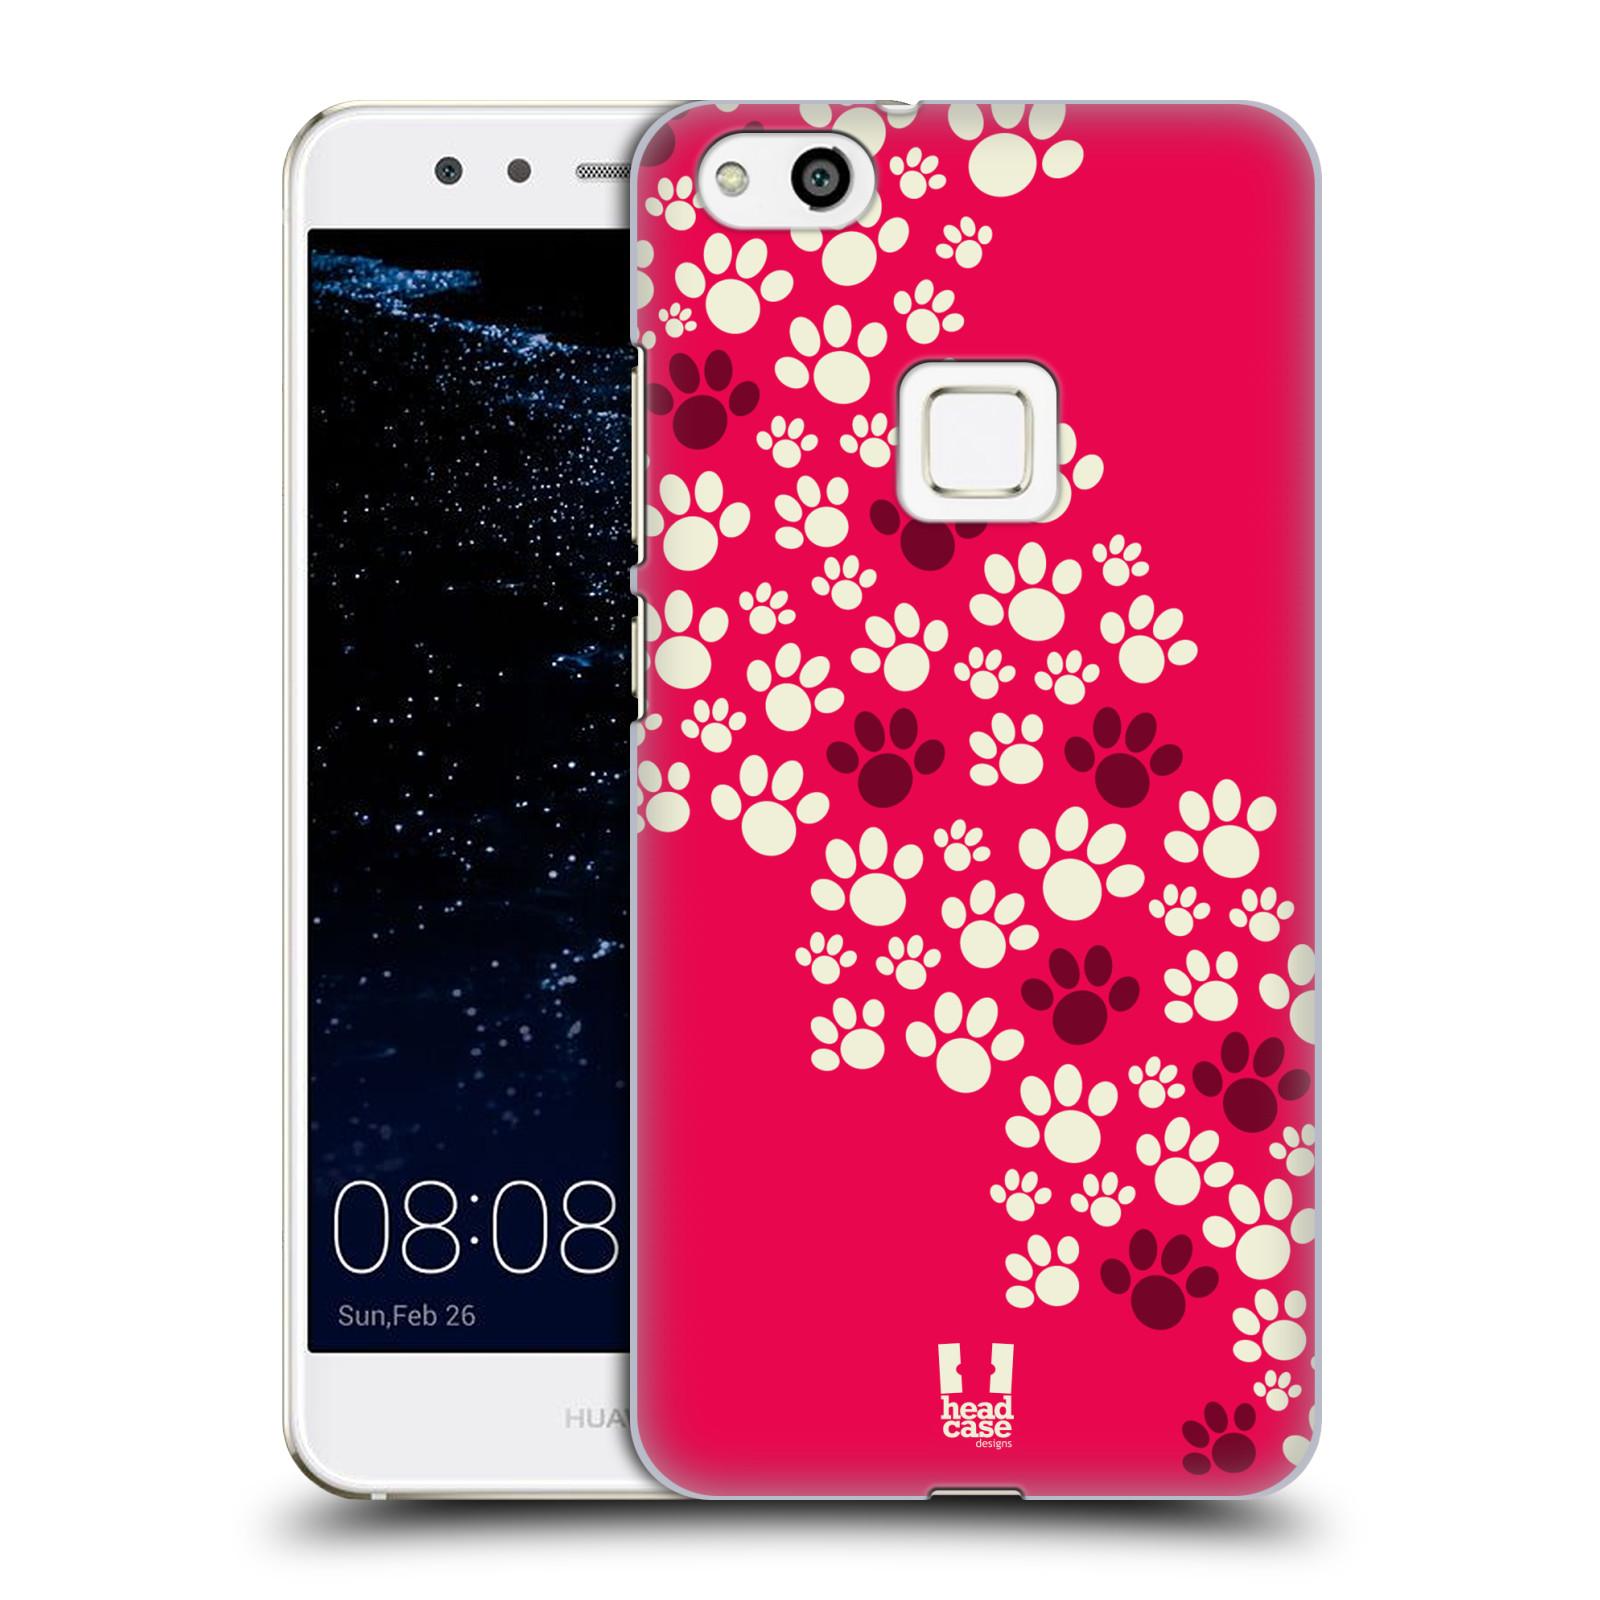 Plastové pouzdro na mobil Huawei P10 Lite Head Case - TLAPKY RŮŽOVÉ (Plastový kryt či obal na mobilní telefon Huawei P10 Lite Dual SIM (LX1/LX1A))